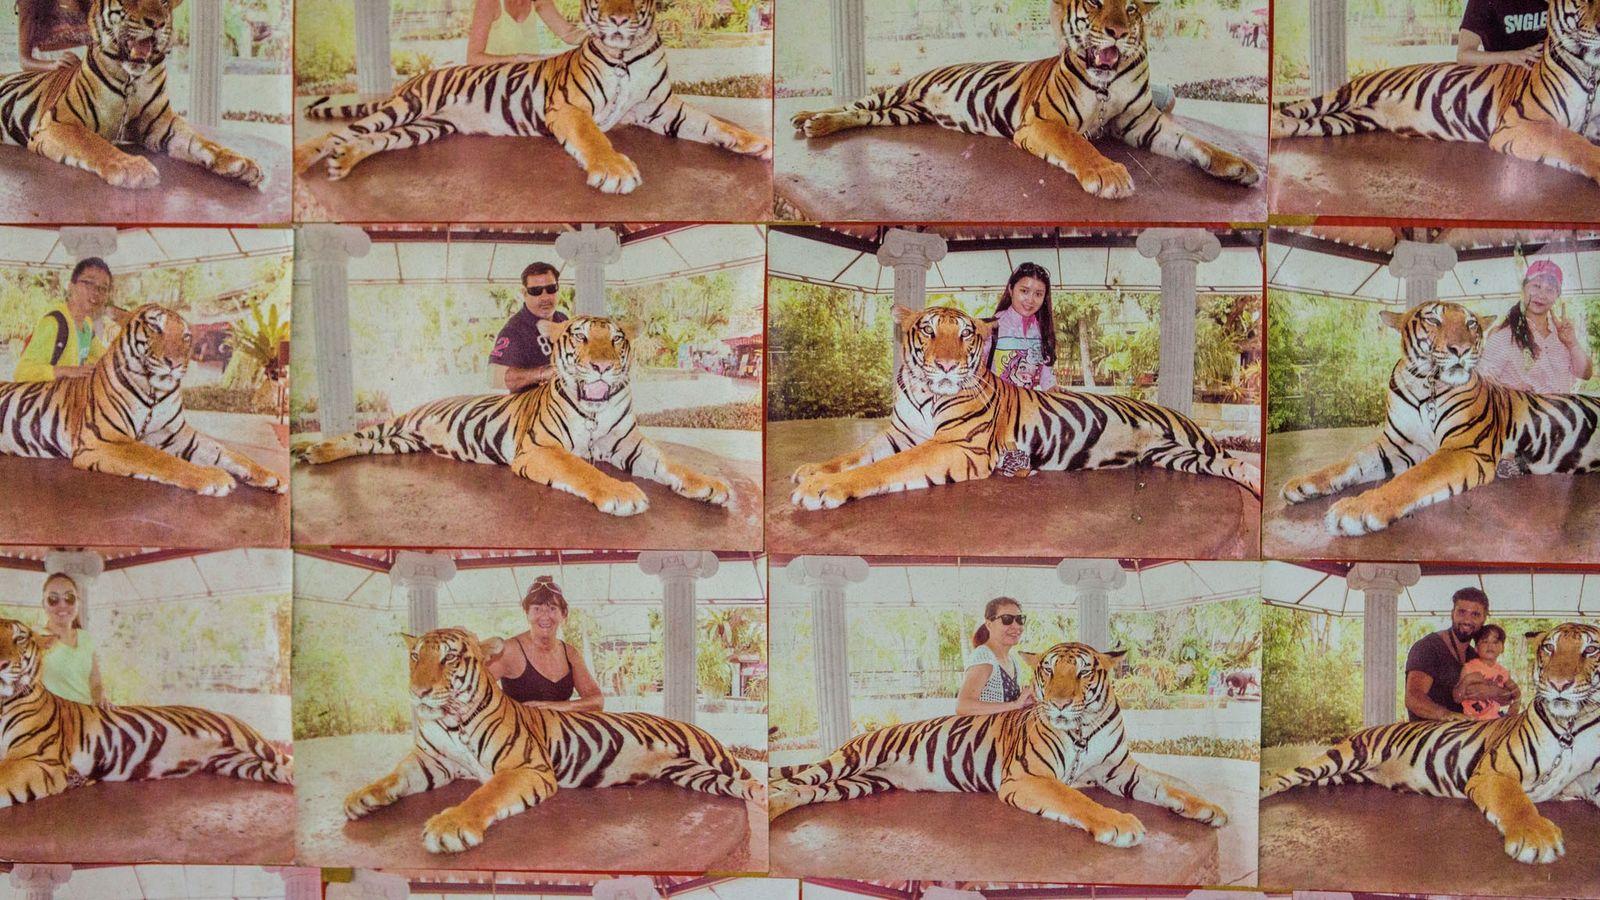 Pelo equivalente a 10 dólares, turistas podem posar com este tigre no zoo de Phuket, na ...